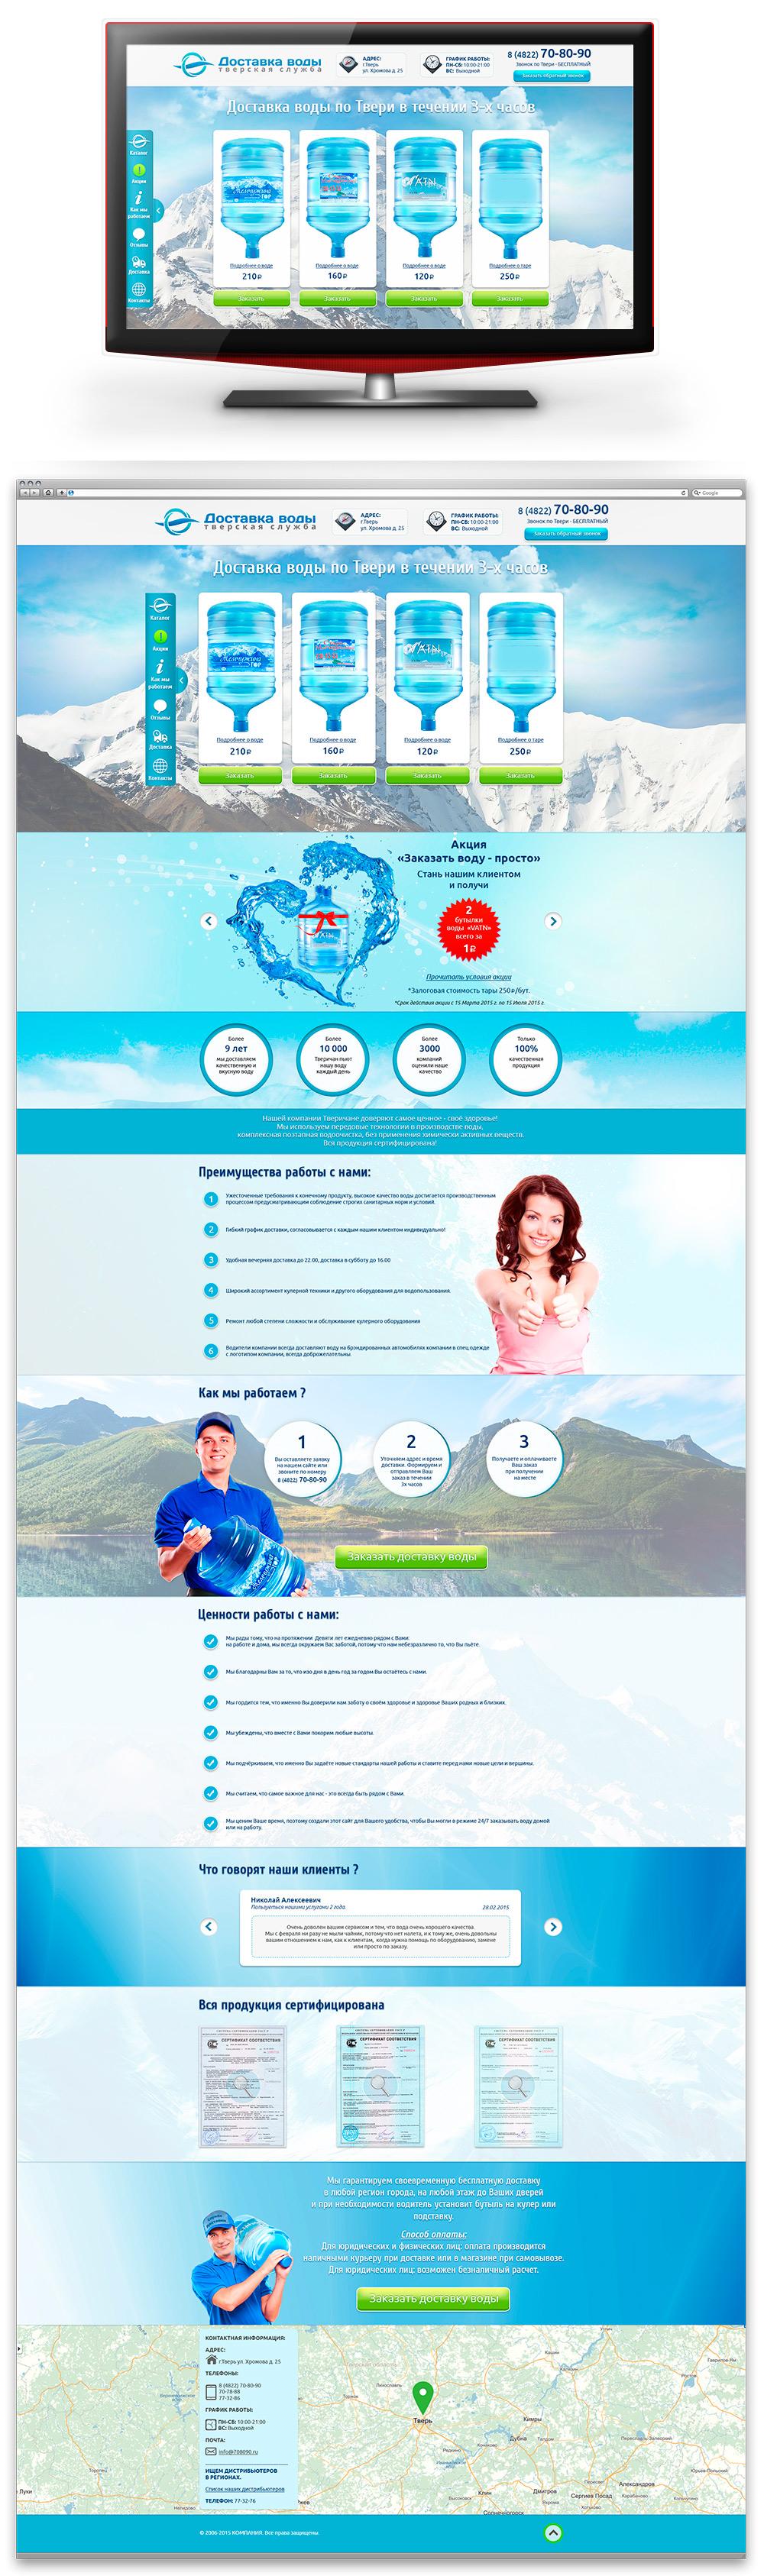 Дизайн Landing Page Тверской доставки воды